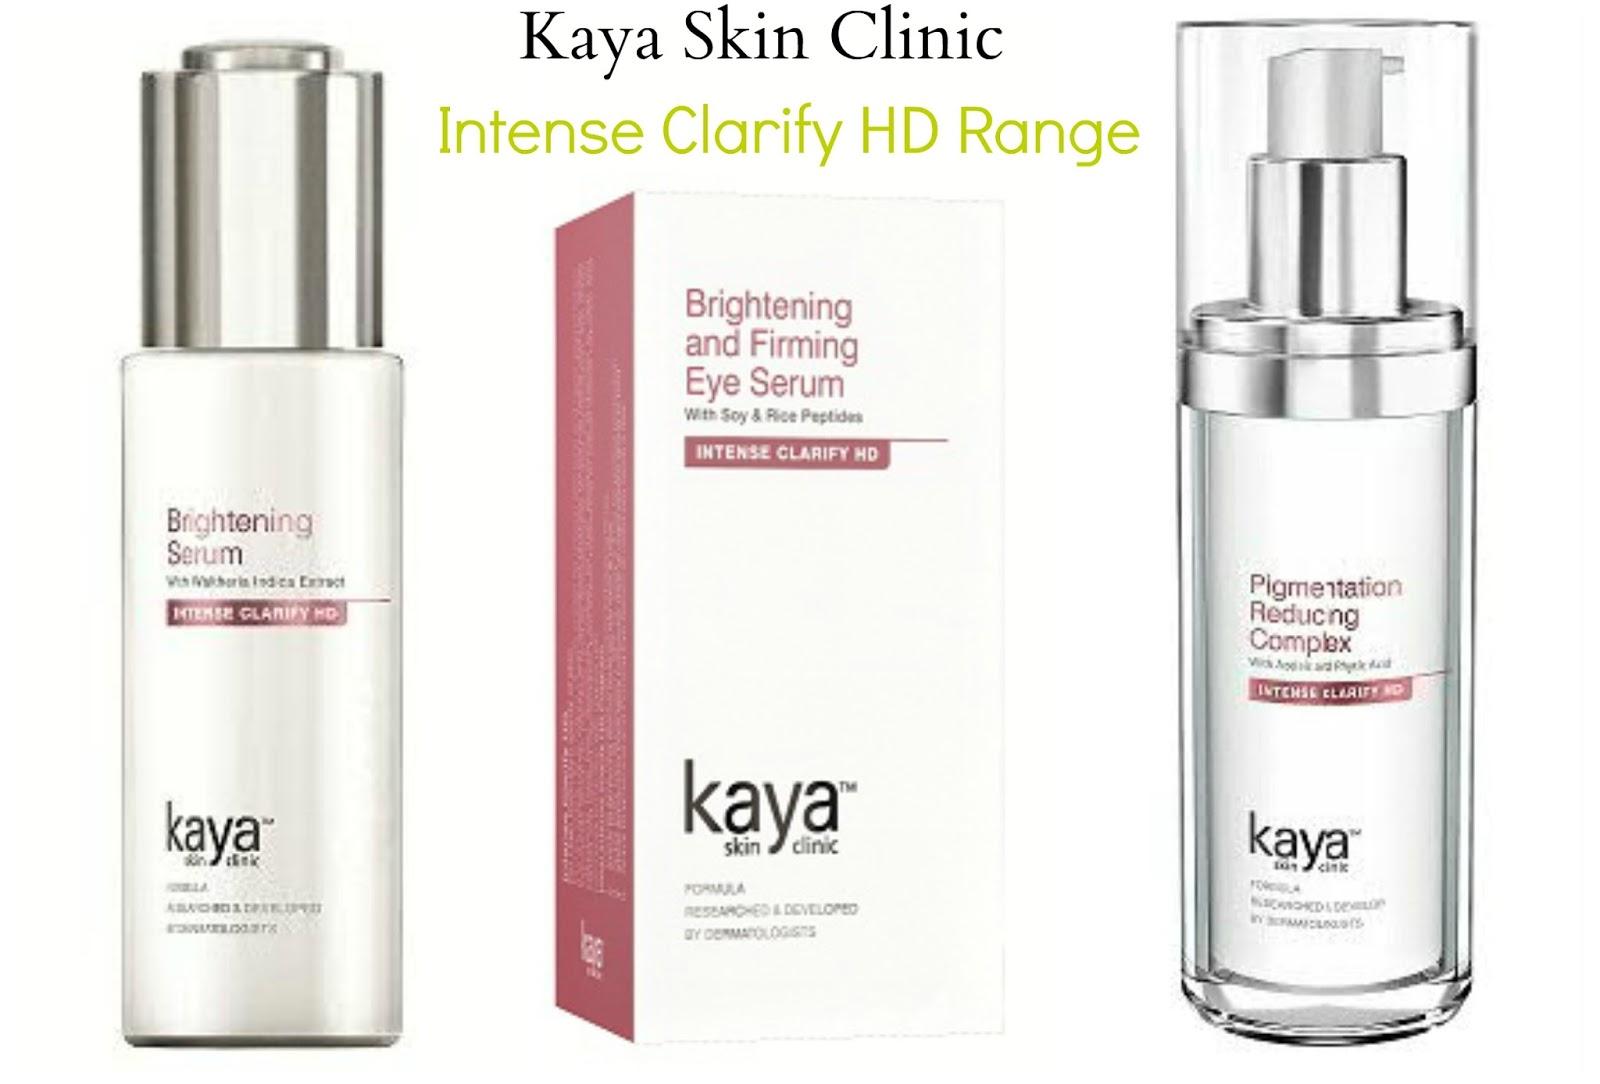 Kaya's